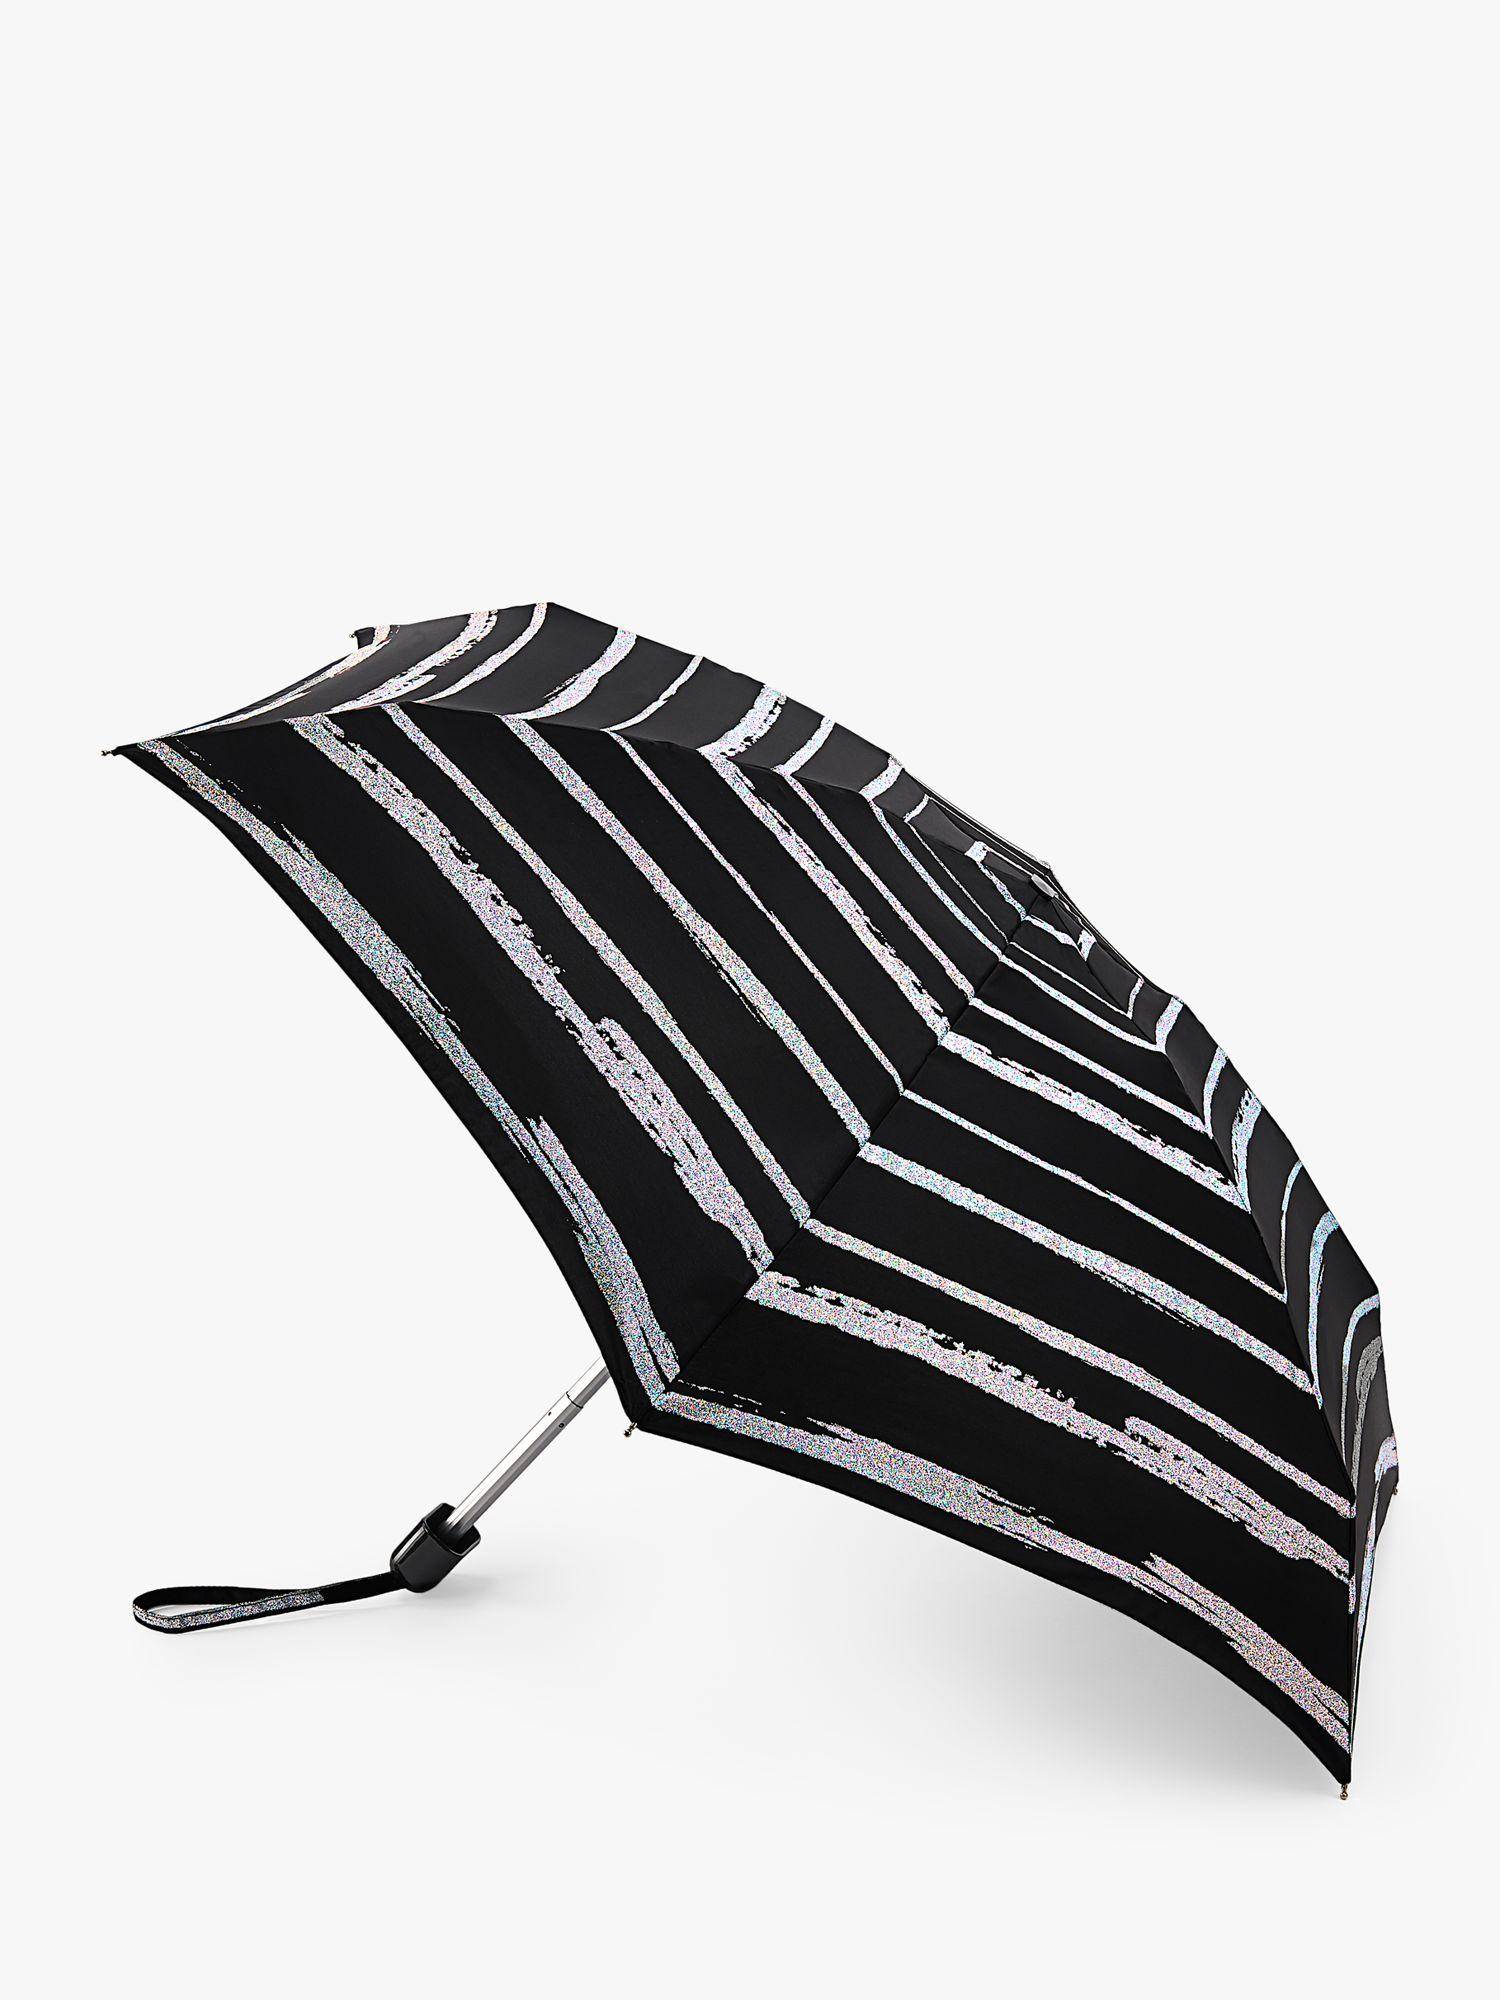 Fulton Fulton Space Stripe Telescopic Umbrella, Black/White